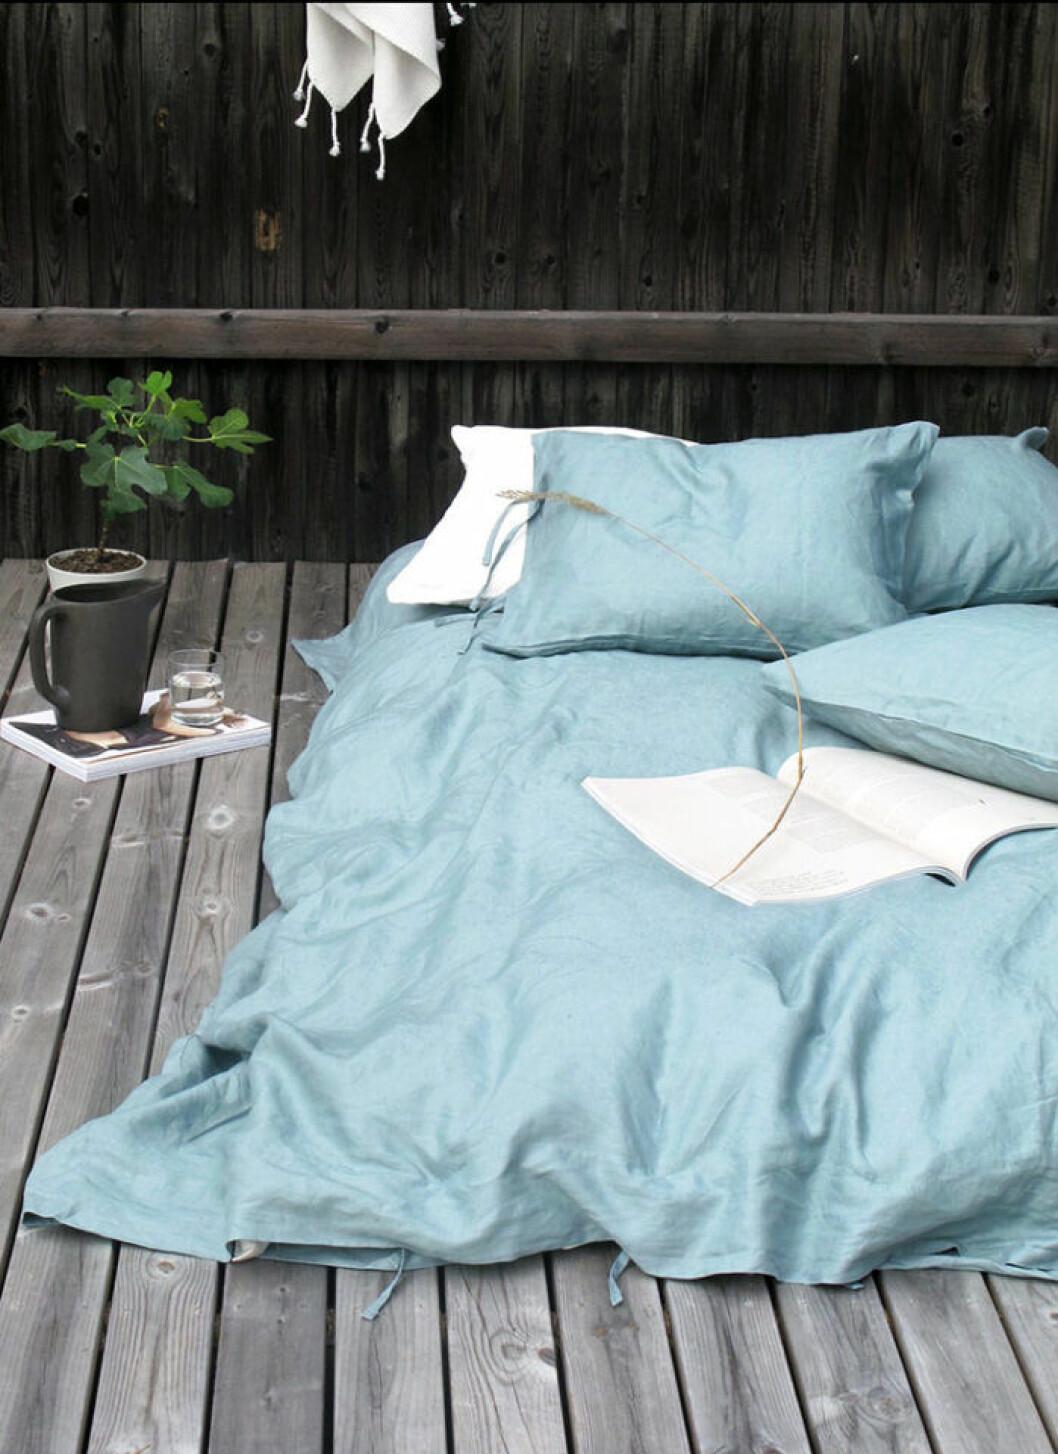 Testa att sova på balkongen om det är för varmt i sovrummet.